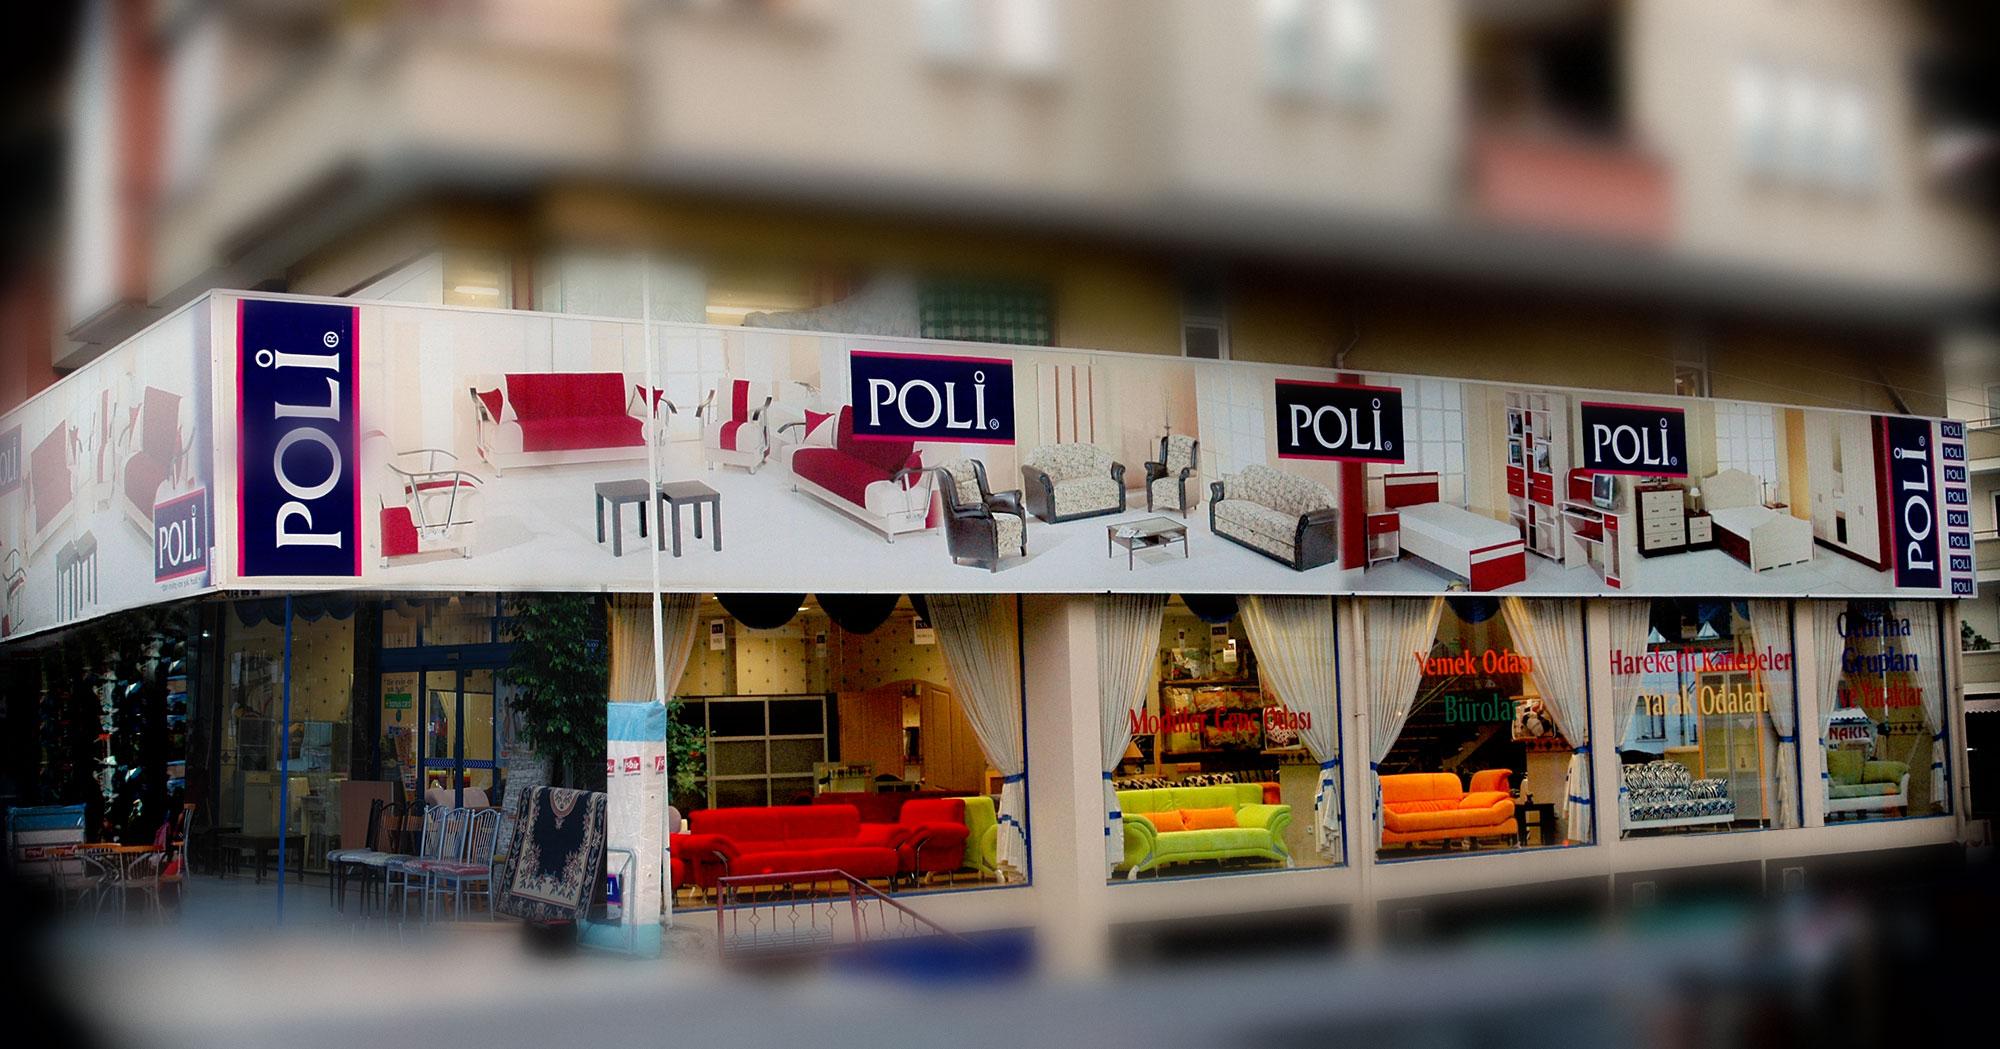 Cephe Giydirme - Poli Mobilya